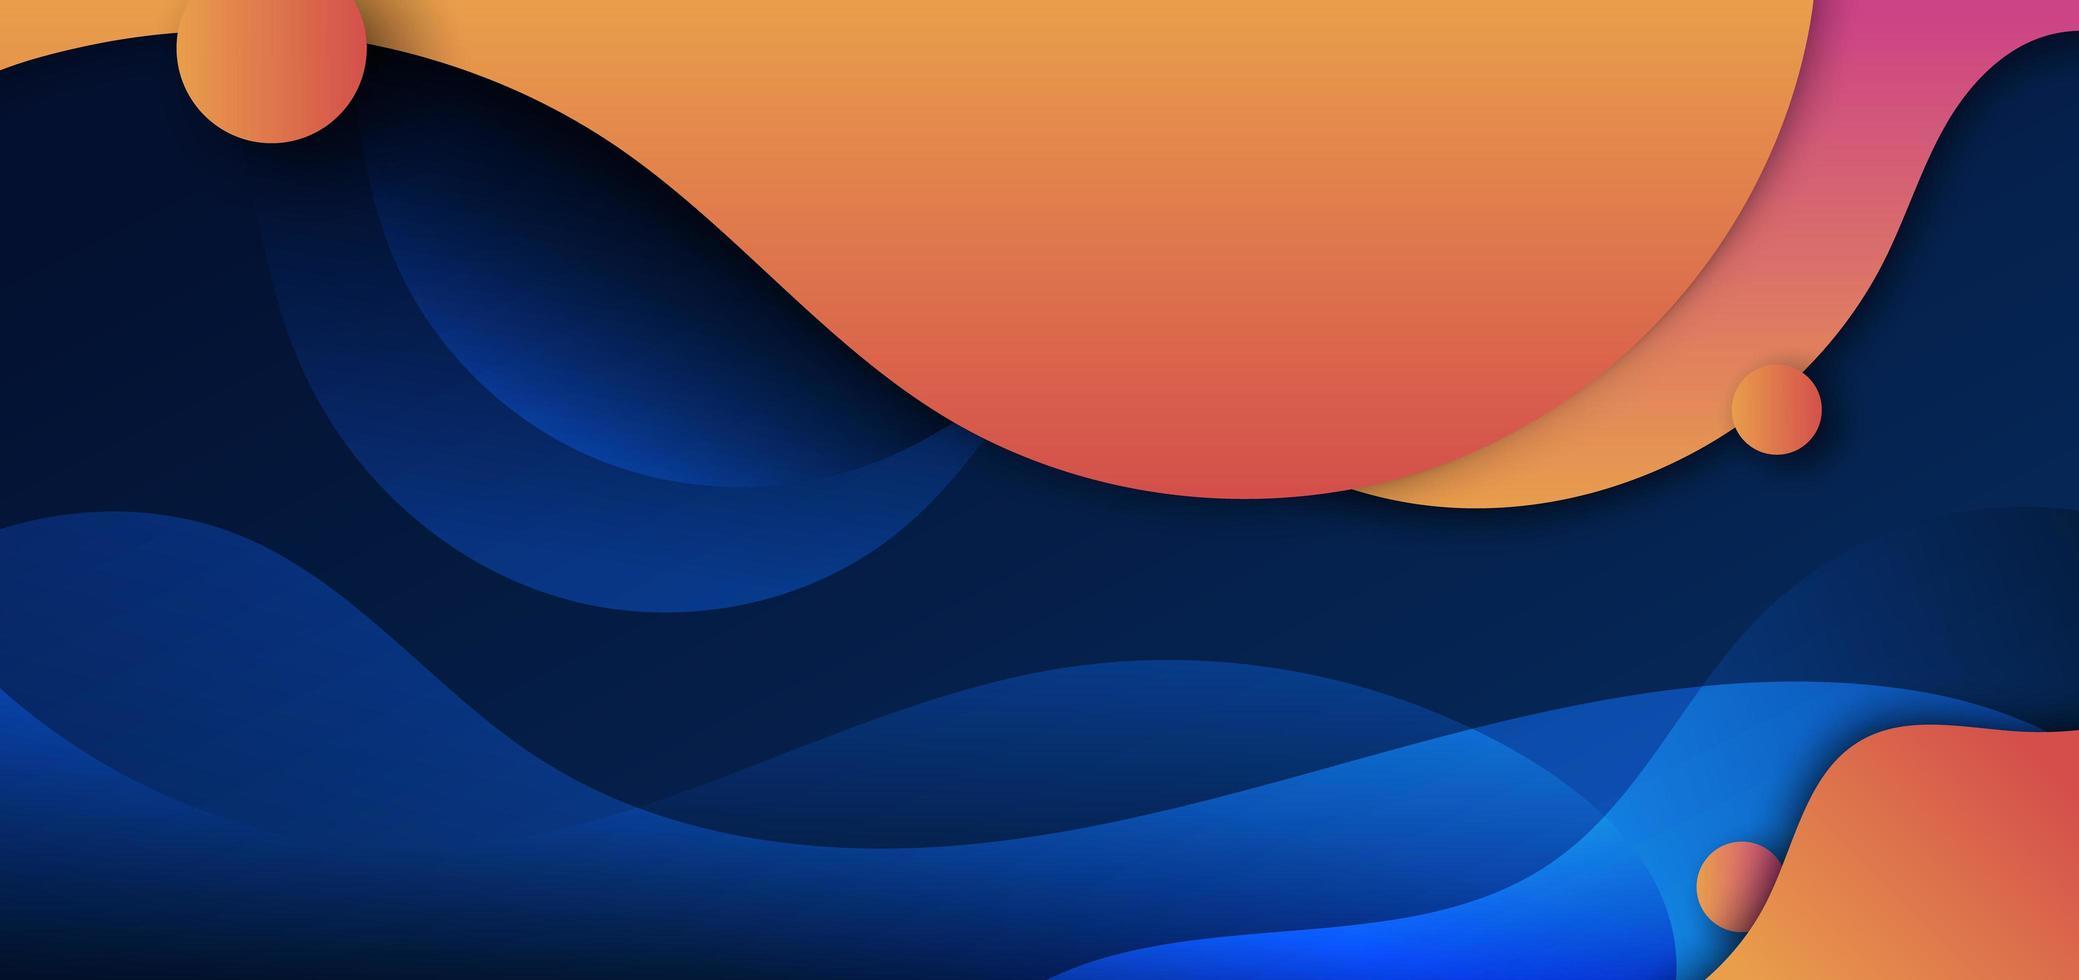 onda di forma fluida gialla e arancione astratta curva con cerchio su sfondo blu scuro. vettore